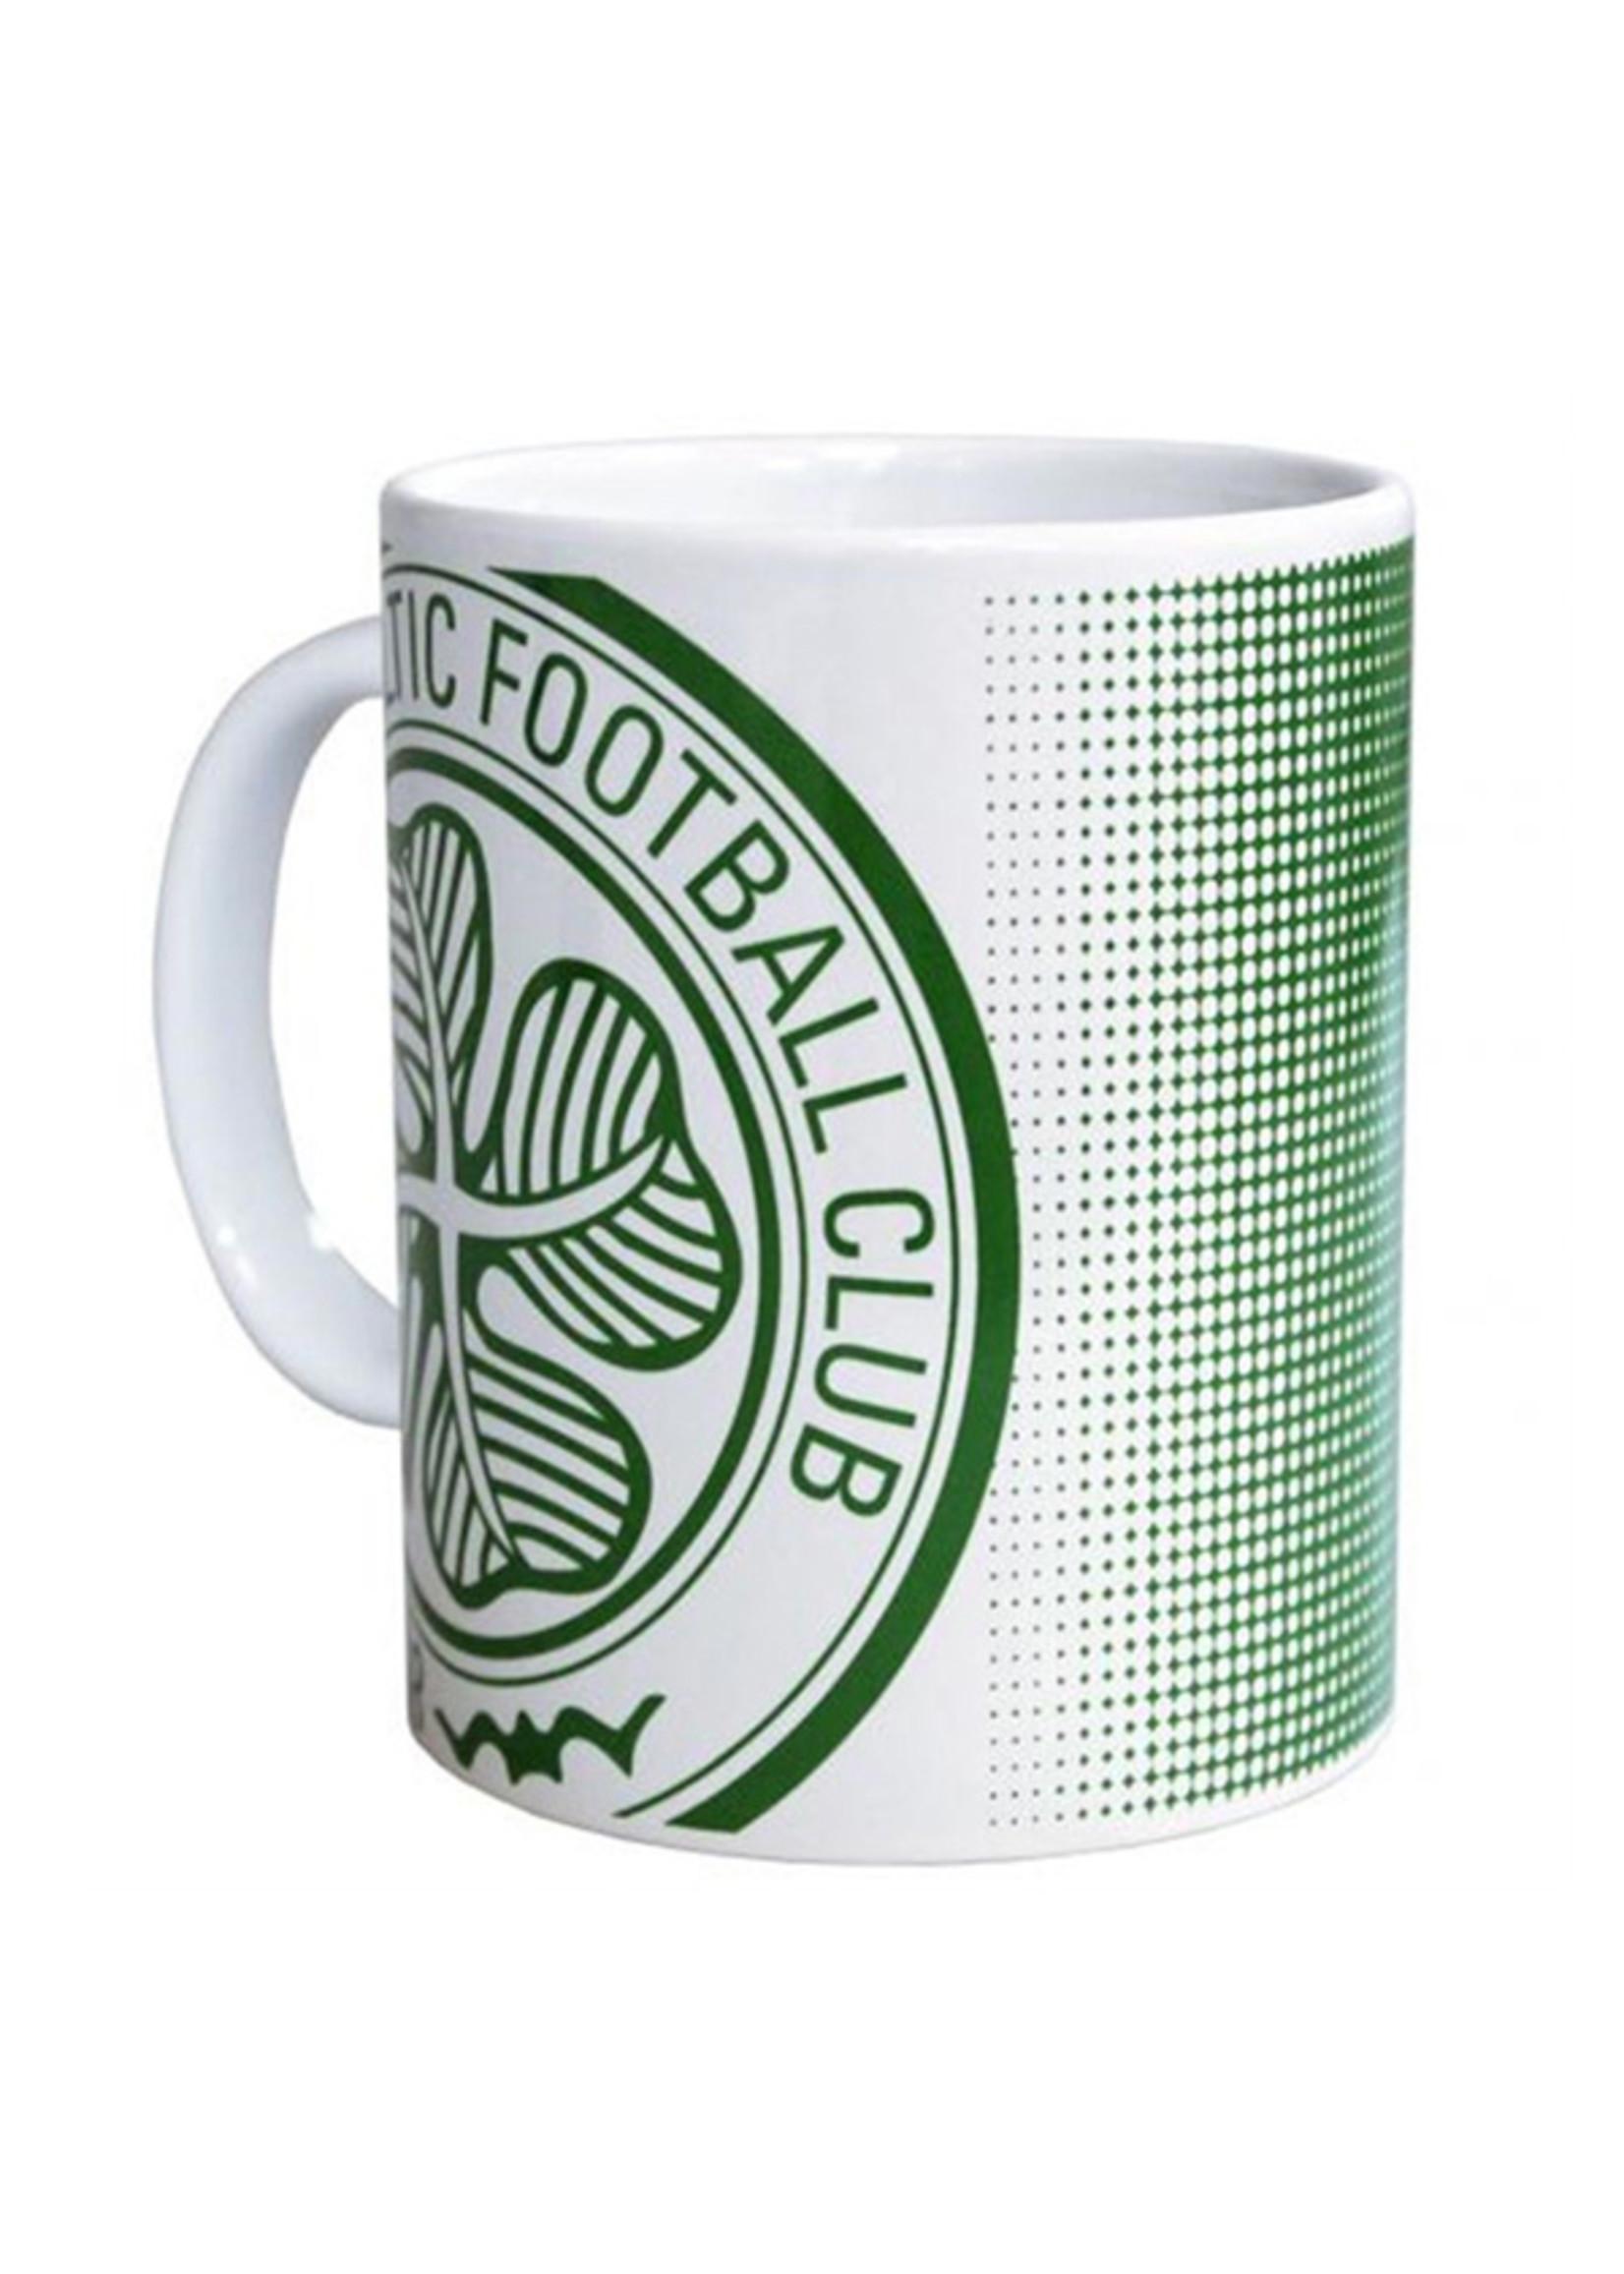 Celtic Coffee Mug